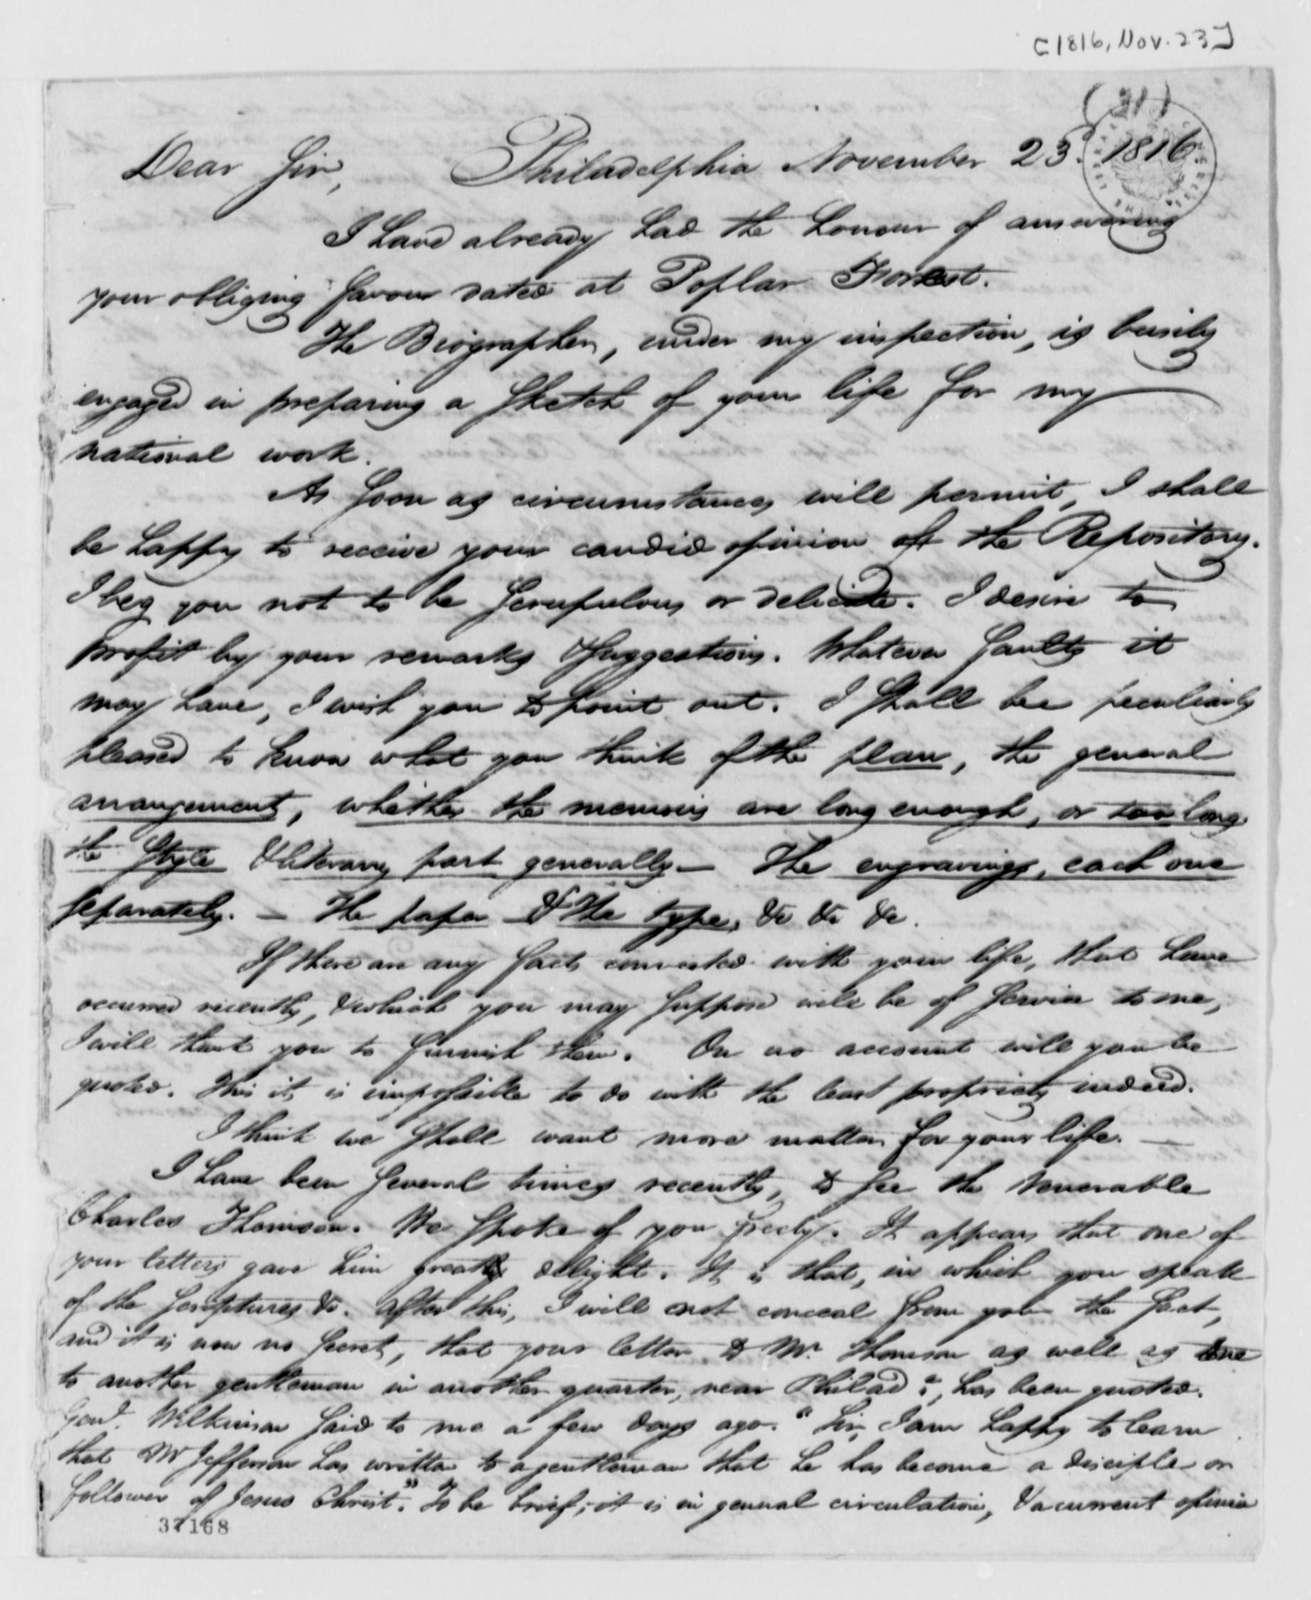 Joseph Delaplaine to Thomas Jefferson, November 23, 1816